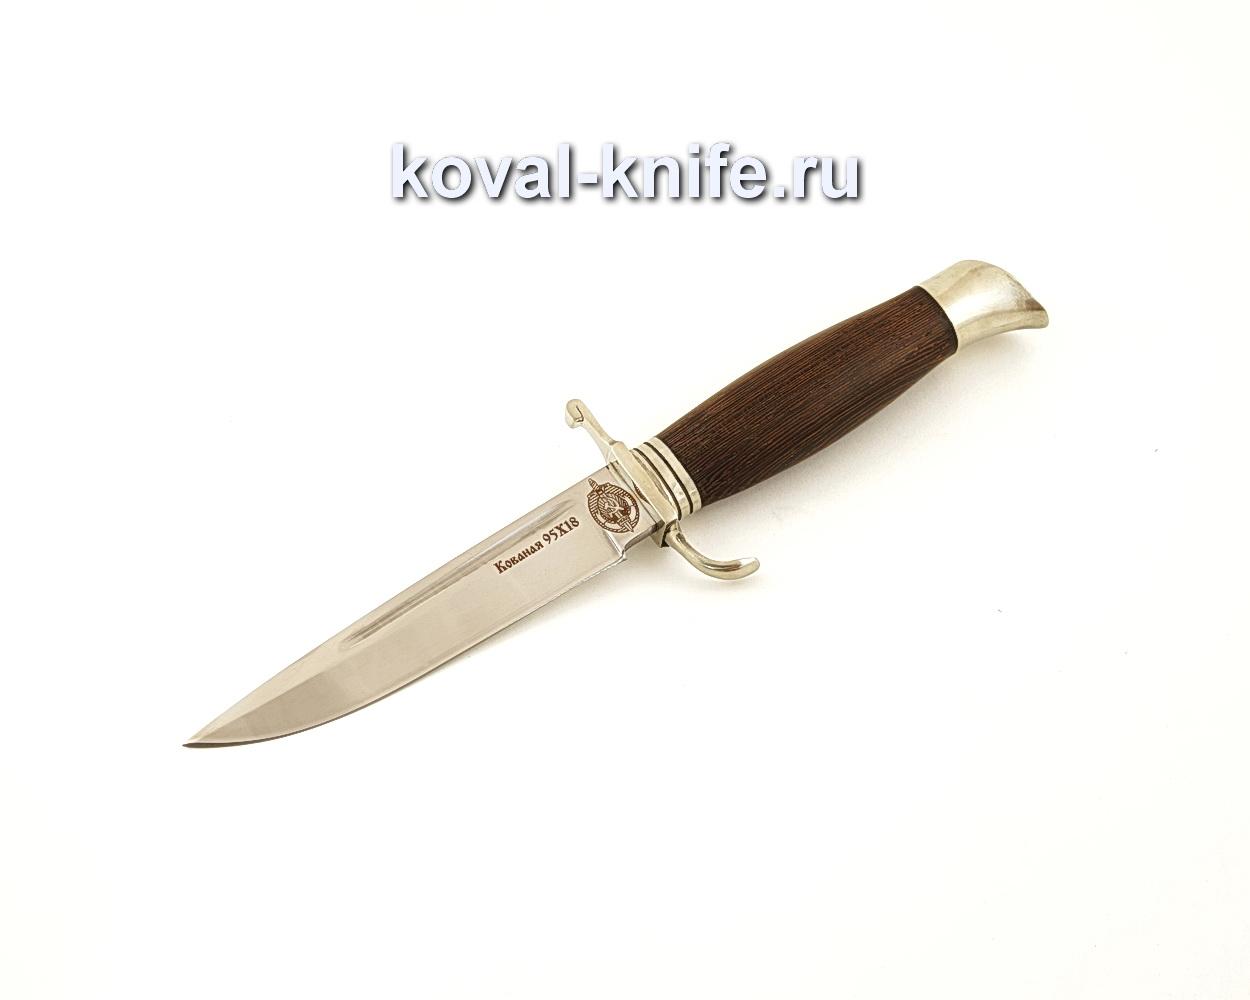 Нож финка НКВД из кованой стали 95Х18 с рукоятью из венге  A621